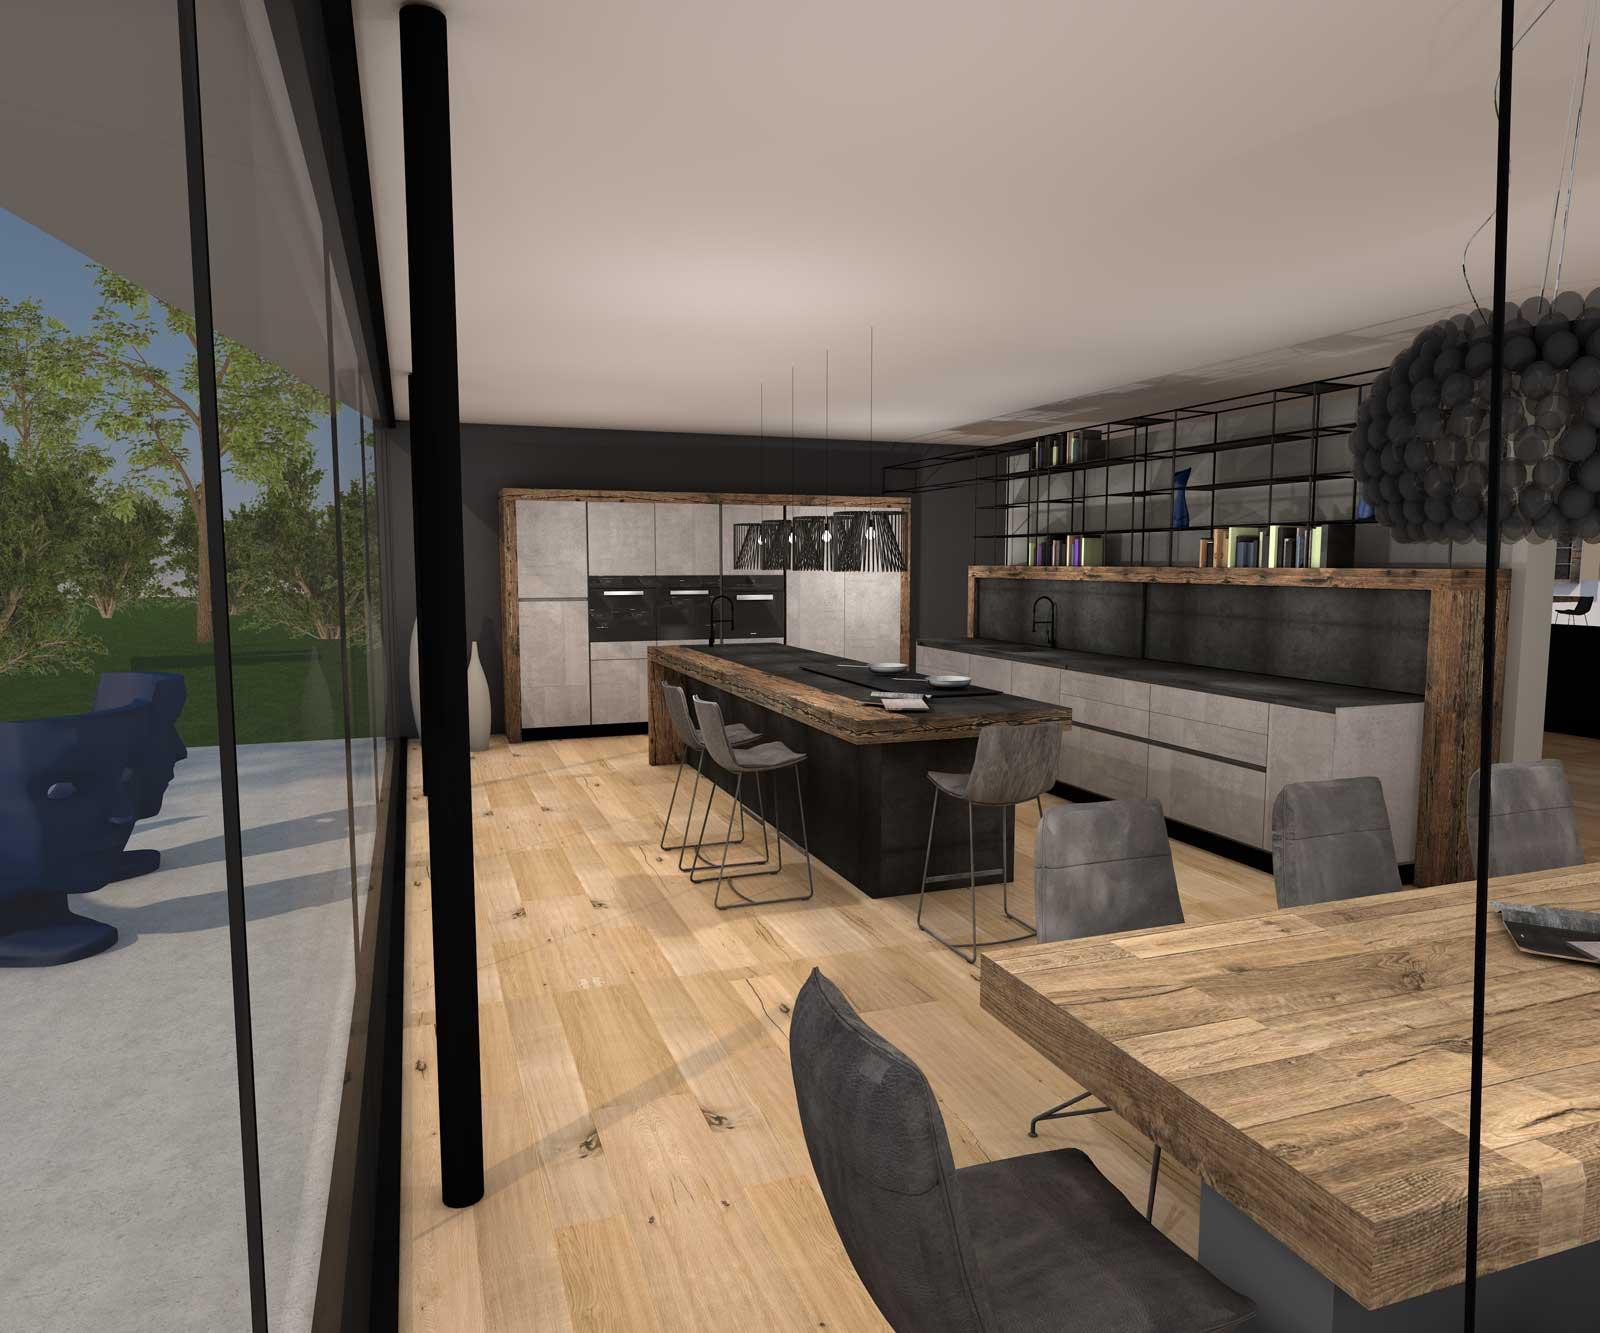 Sendlhofer Küche Altholz Planung